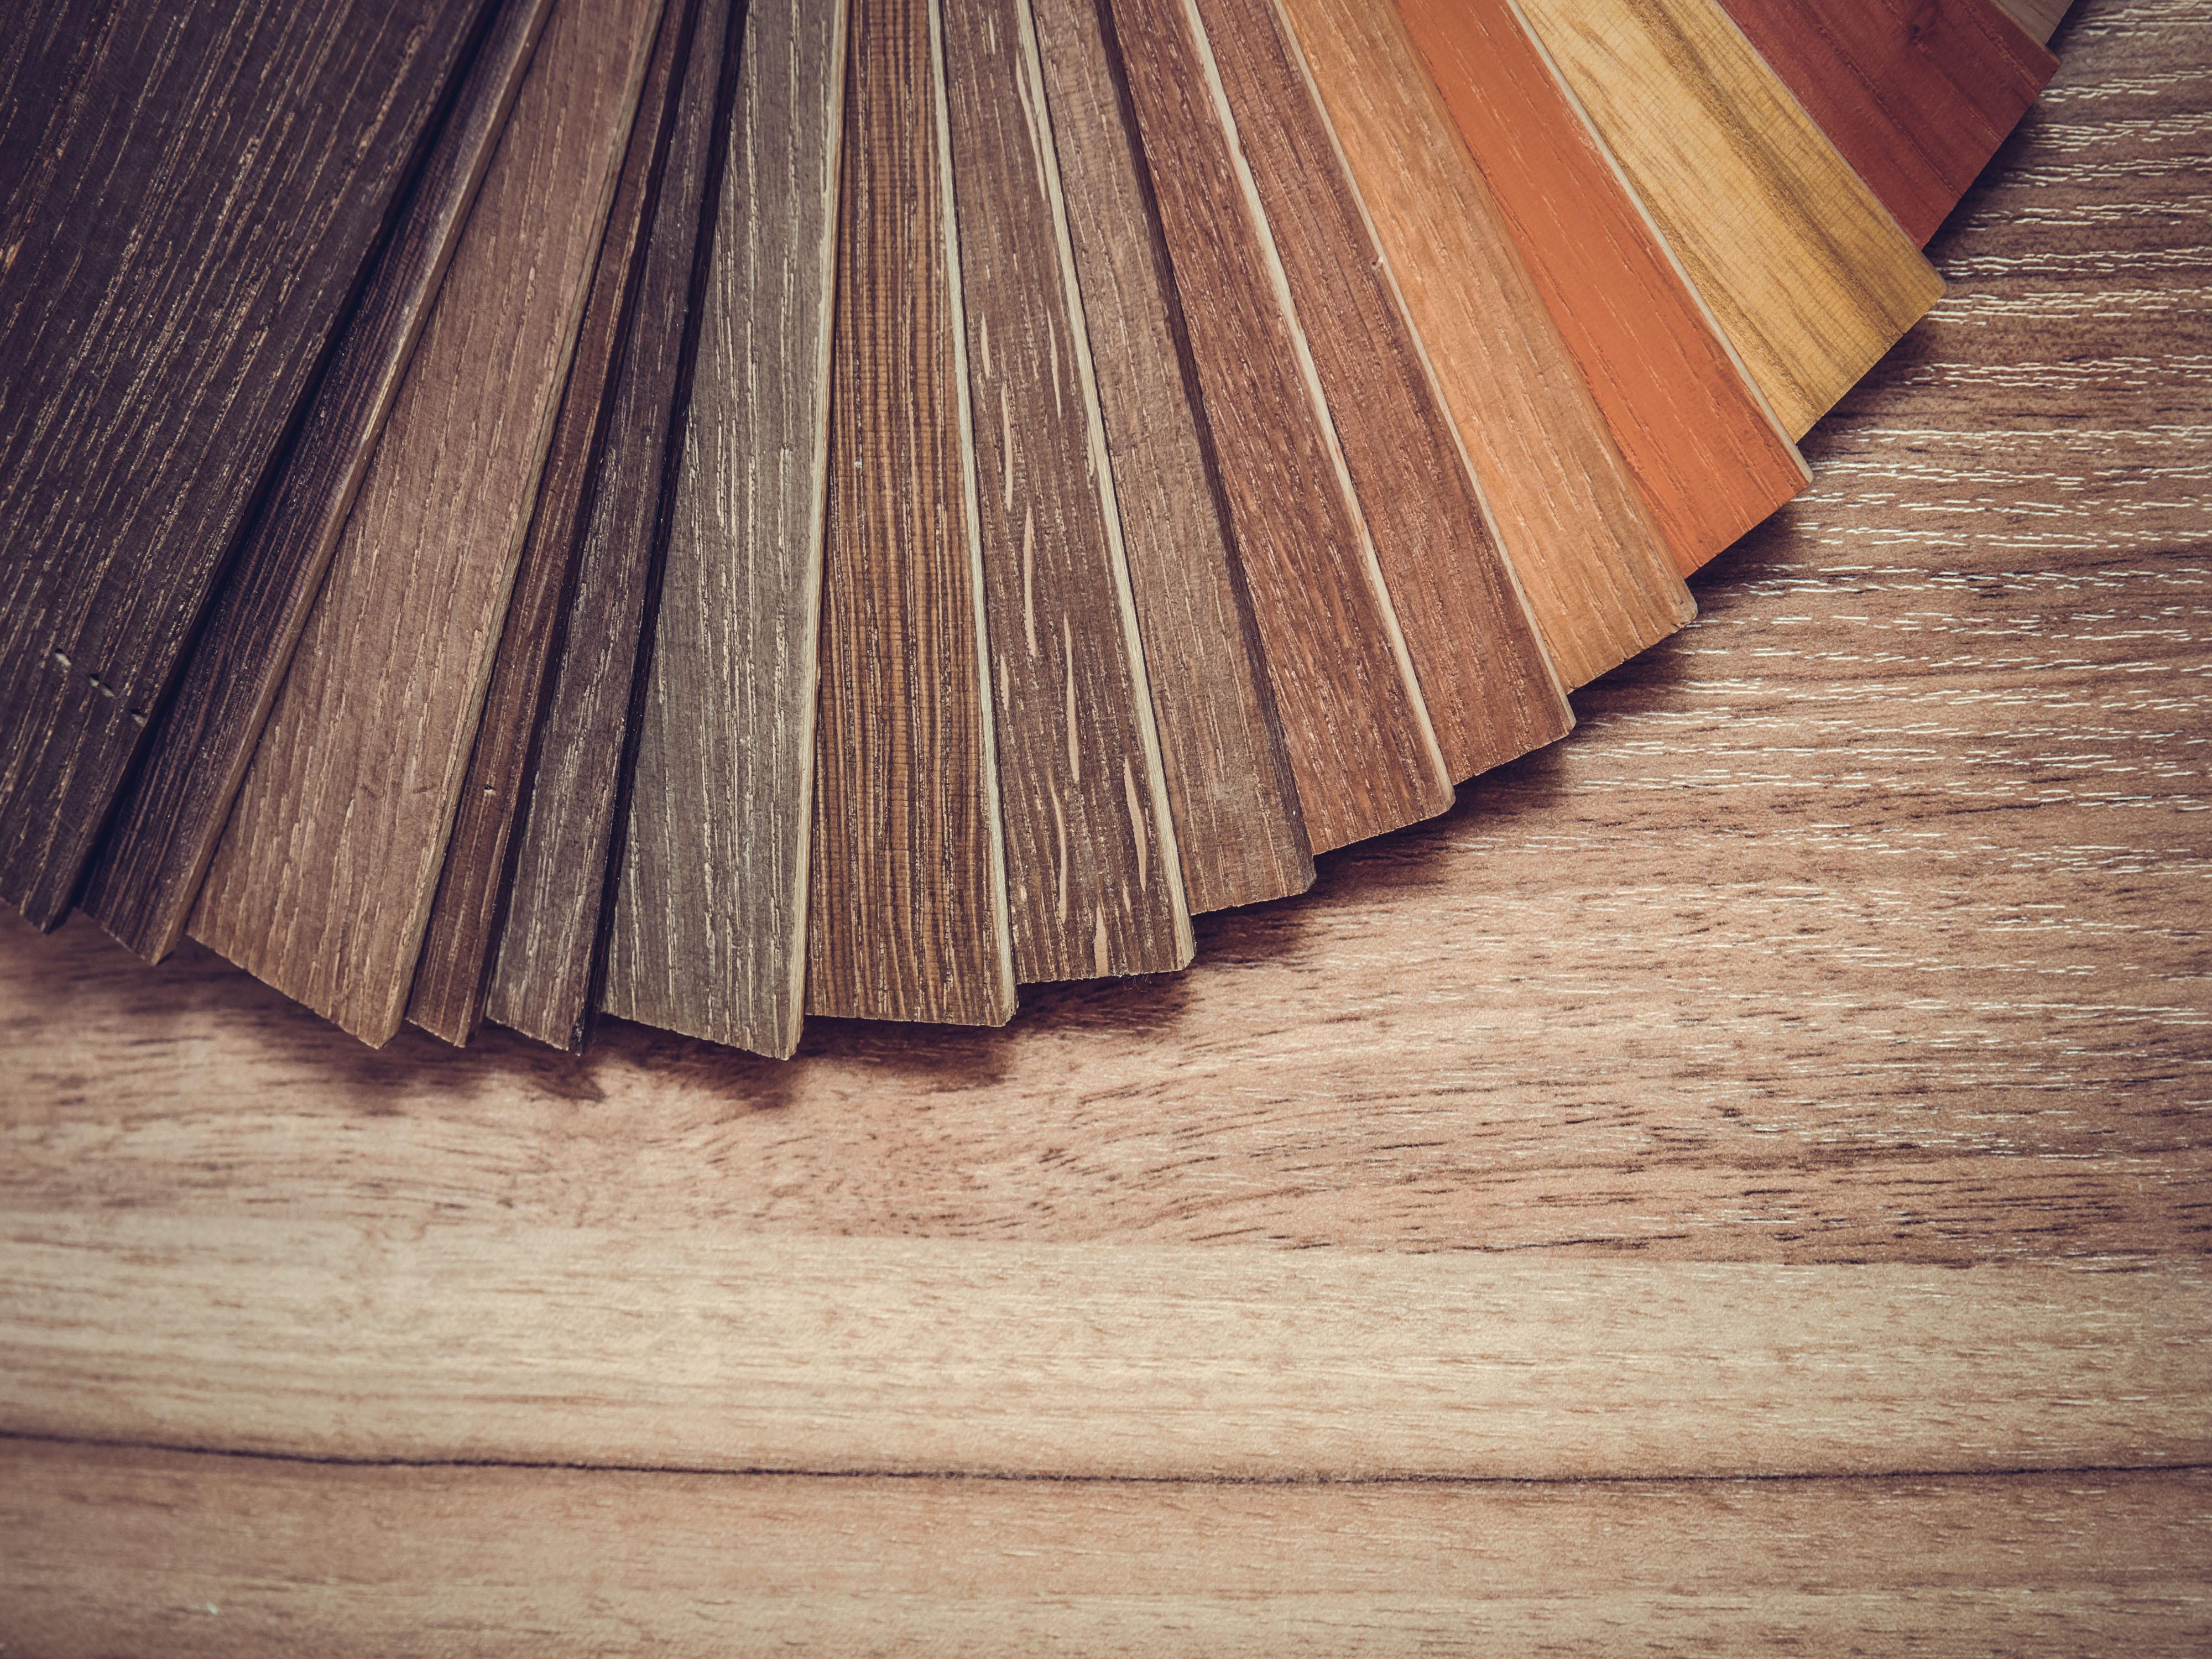 hardwood floor refinishing providence ri of custom hardwood flooring custom wood flooring ri ma regarding custom flooring